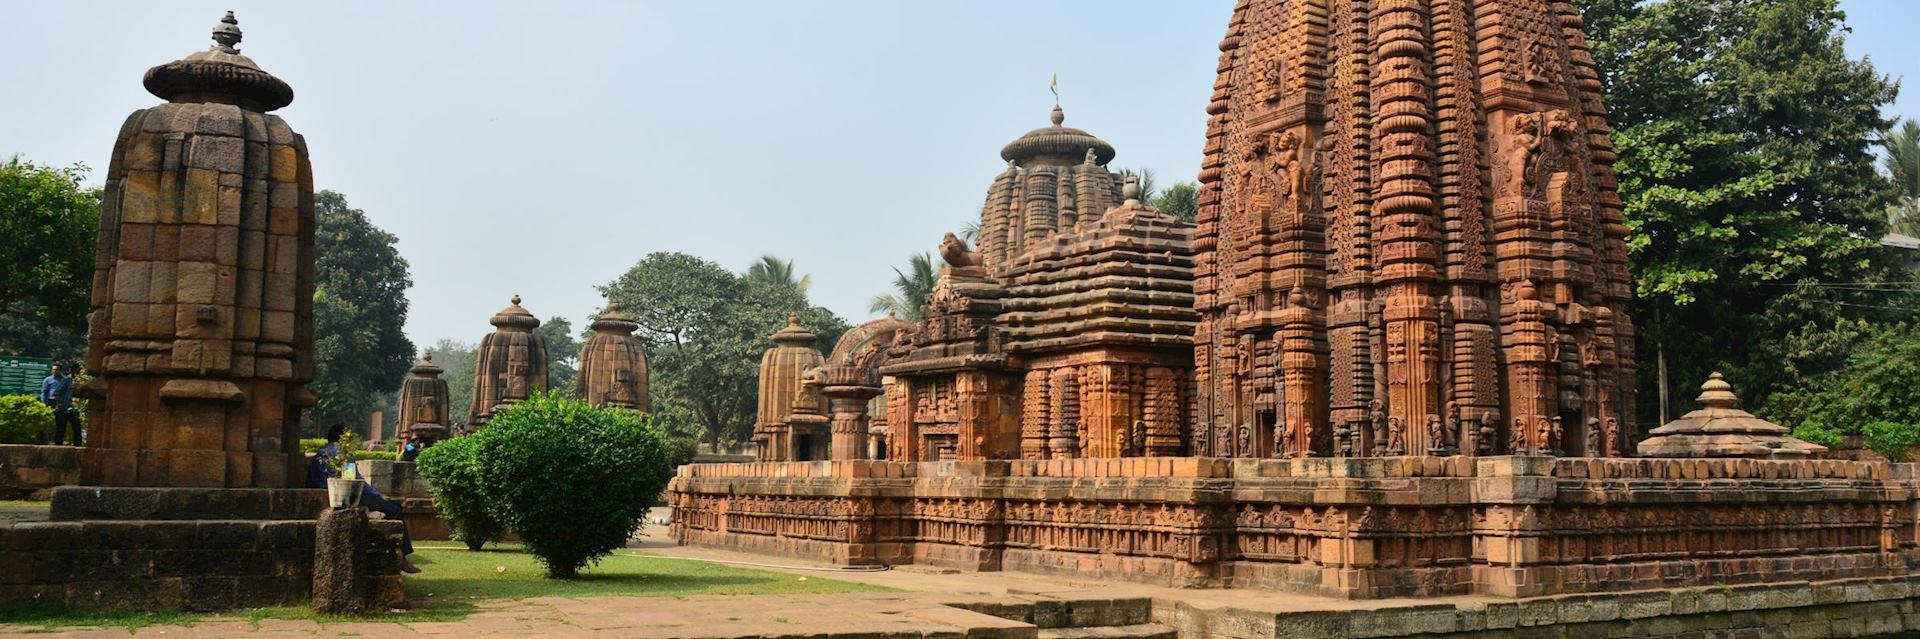 Bhubaneswar, Orissa, India